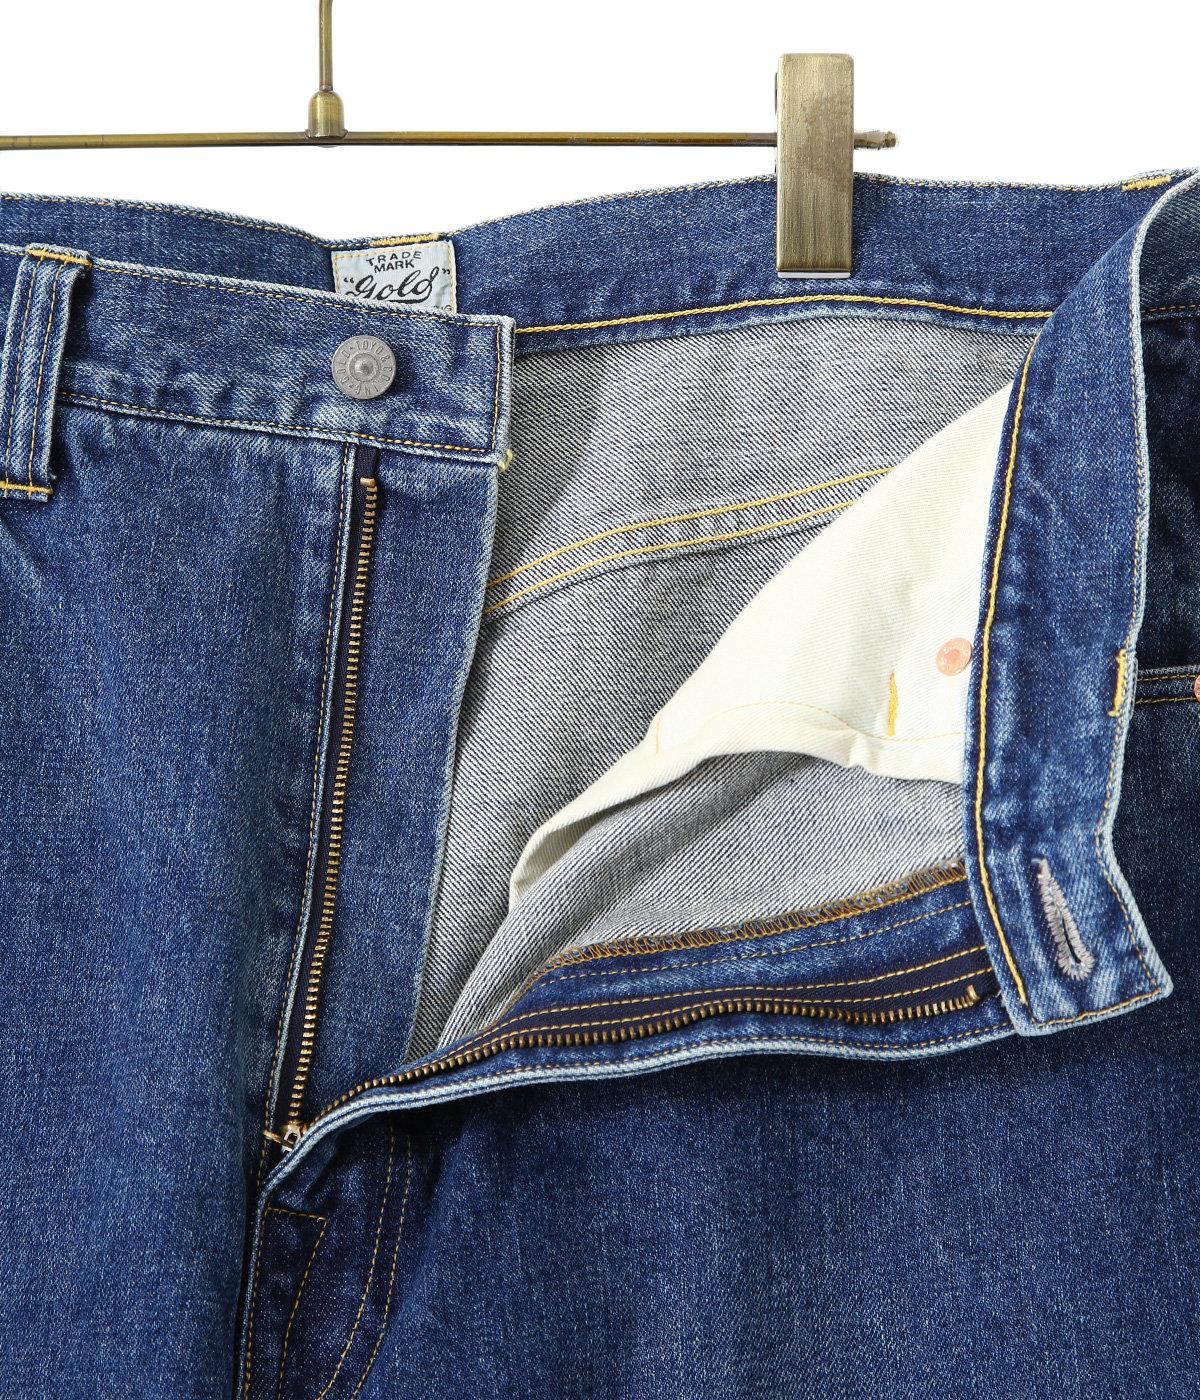 14oz. DENIM 5POCKET WIDE PANTS HARD WASHED